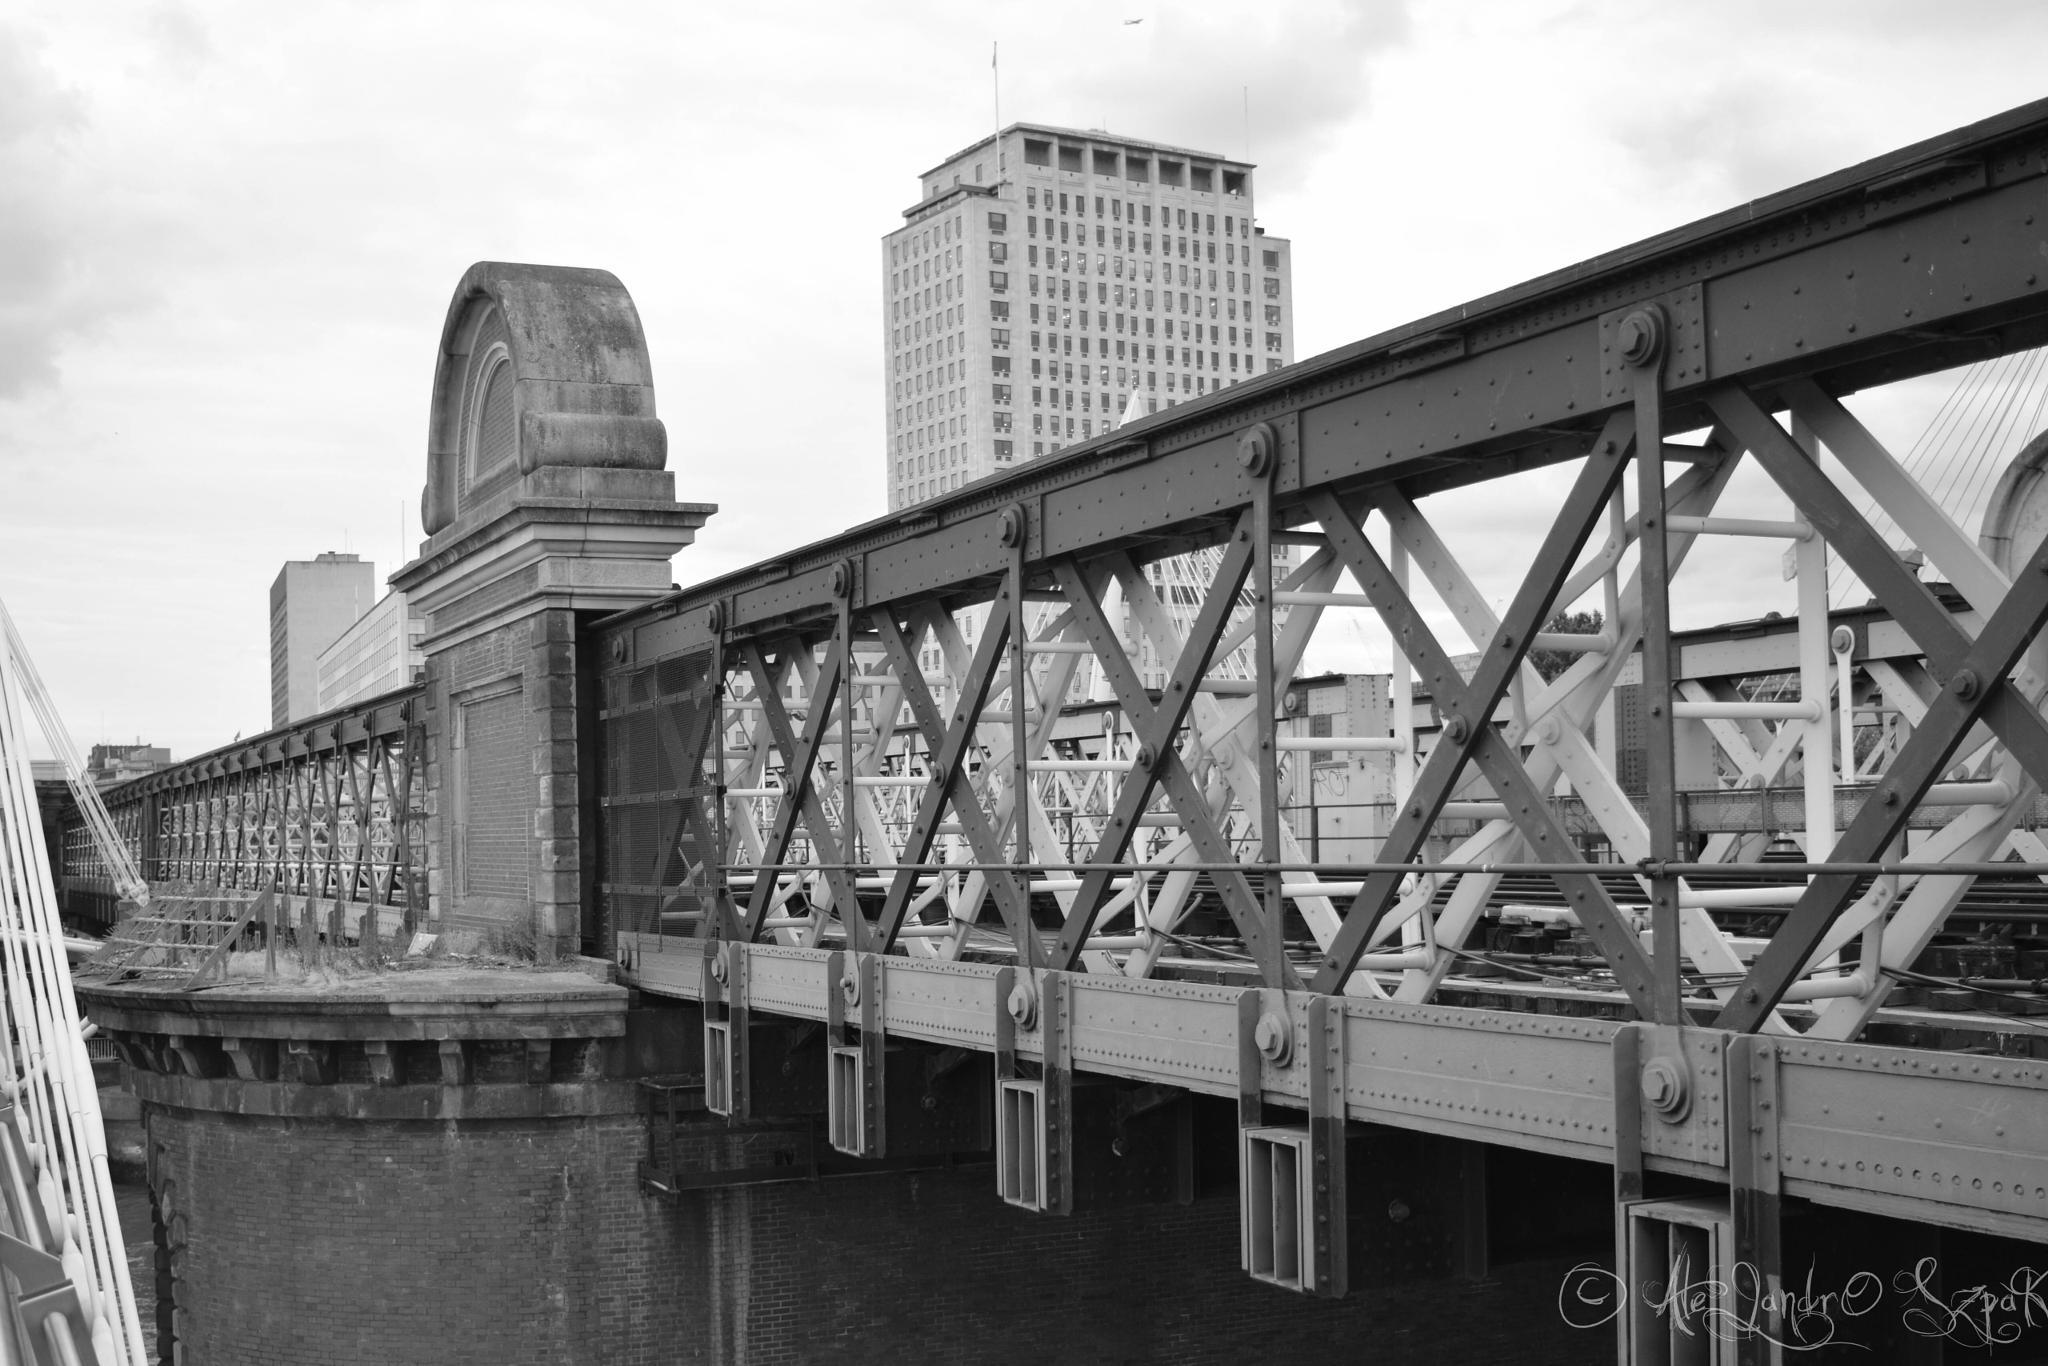 A bridge in London by Alejandro Szpak